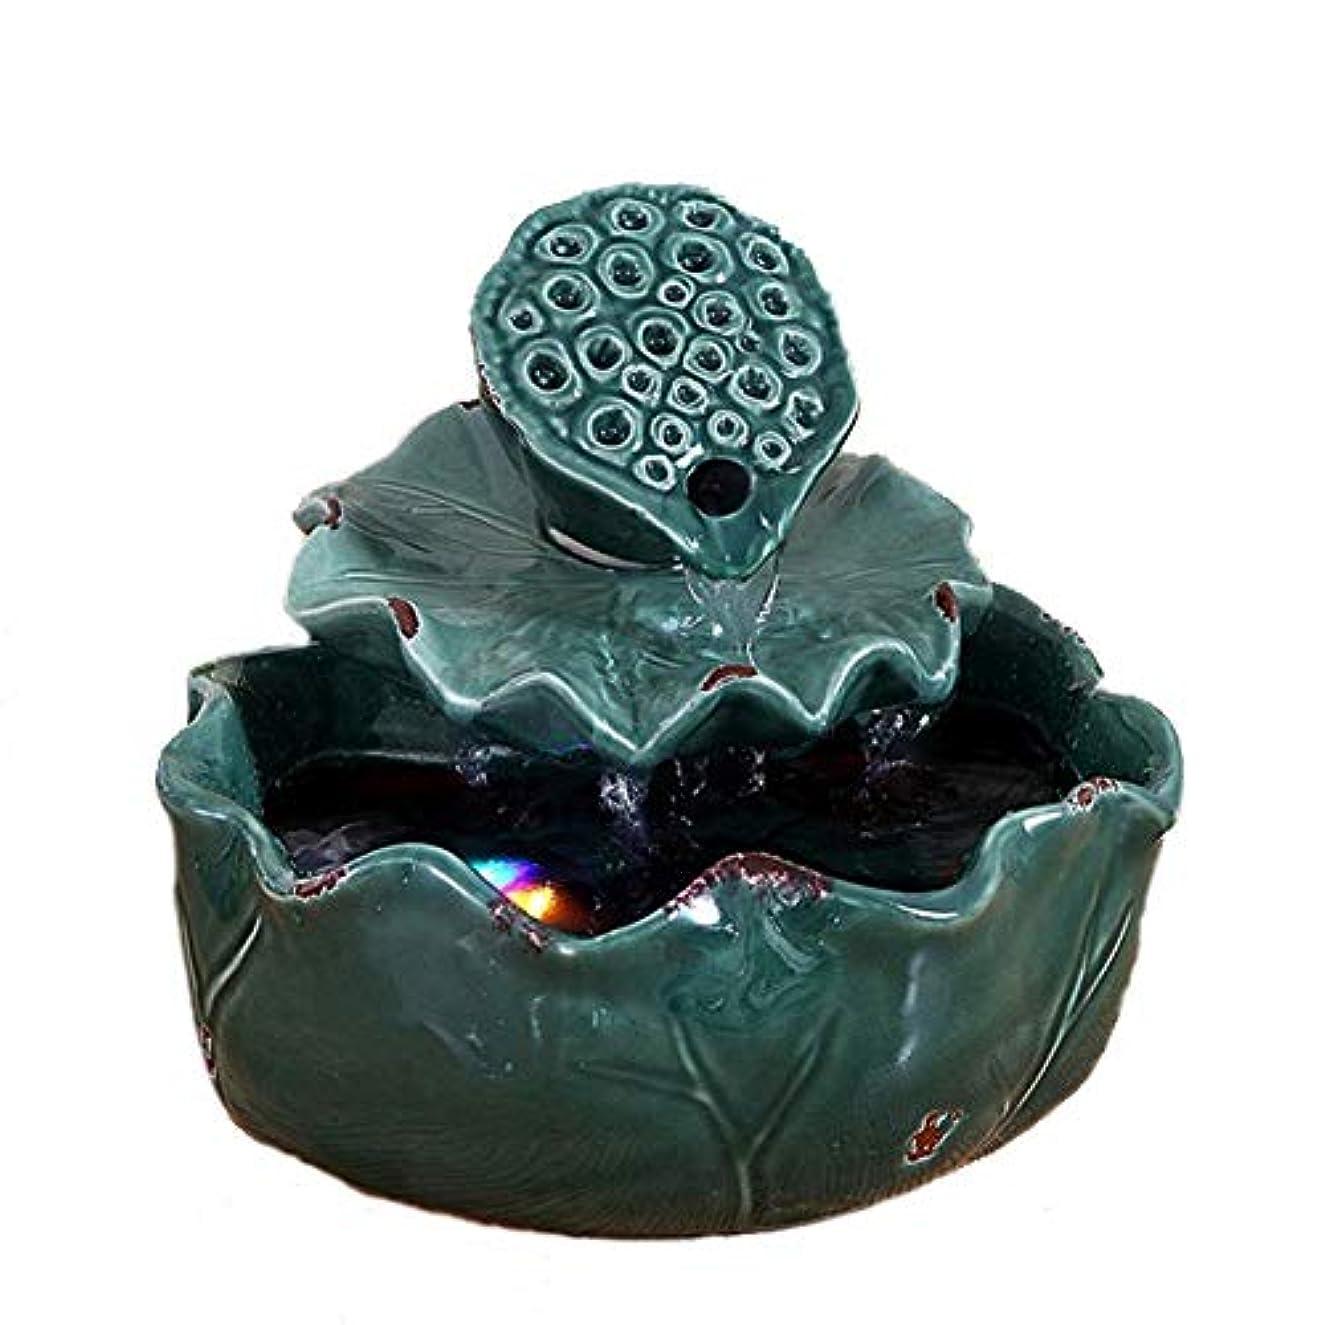 チャネル確かな欠如空気加湿器クリエイティブロータス卓上装飾装飾セラミック工芸絶妙なギフト